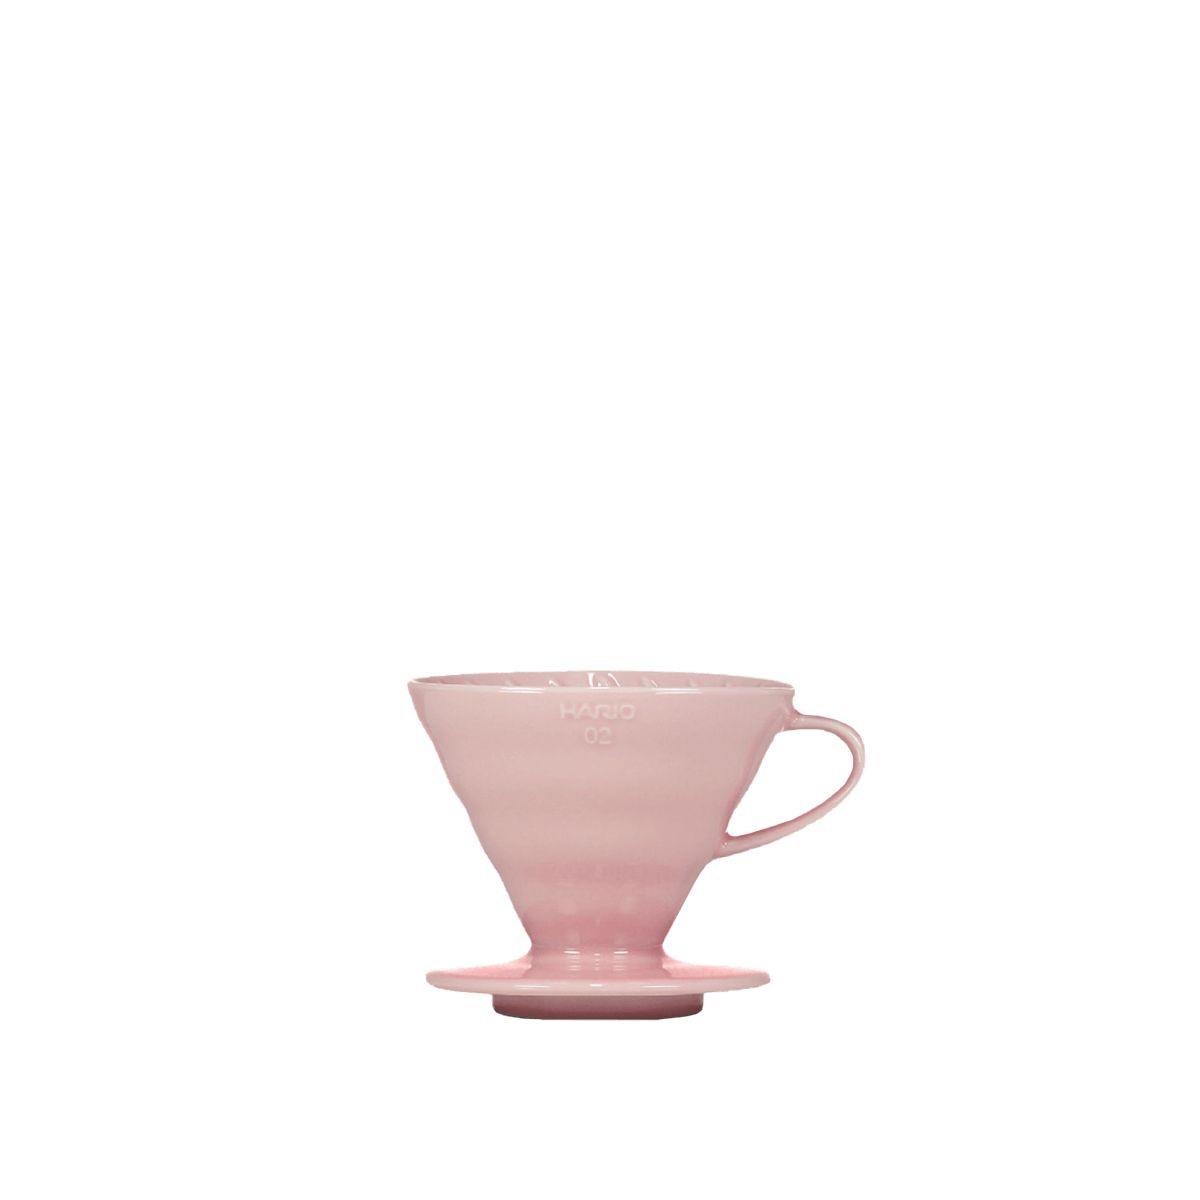 V60 dripper Hario porcelaine [3/4 tasses] - Rose